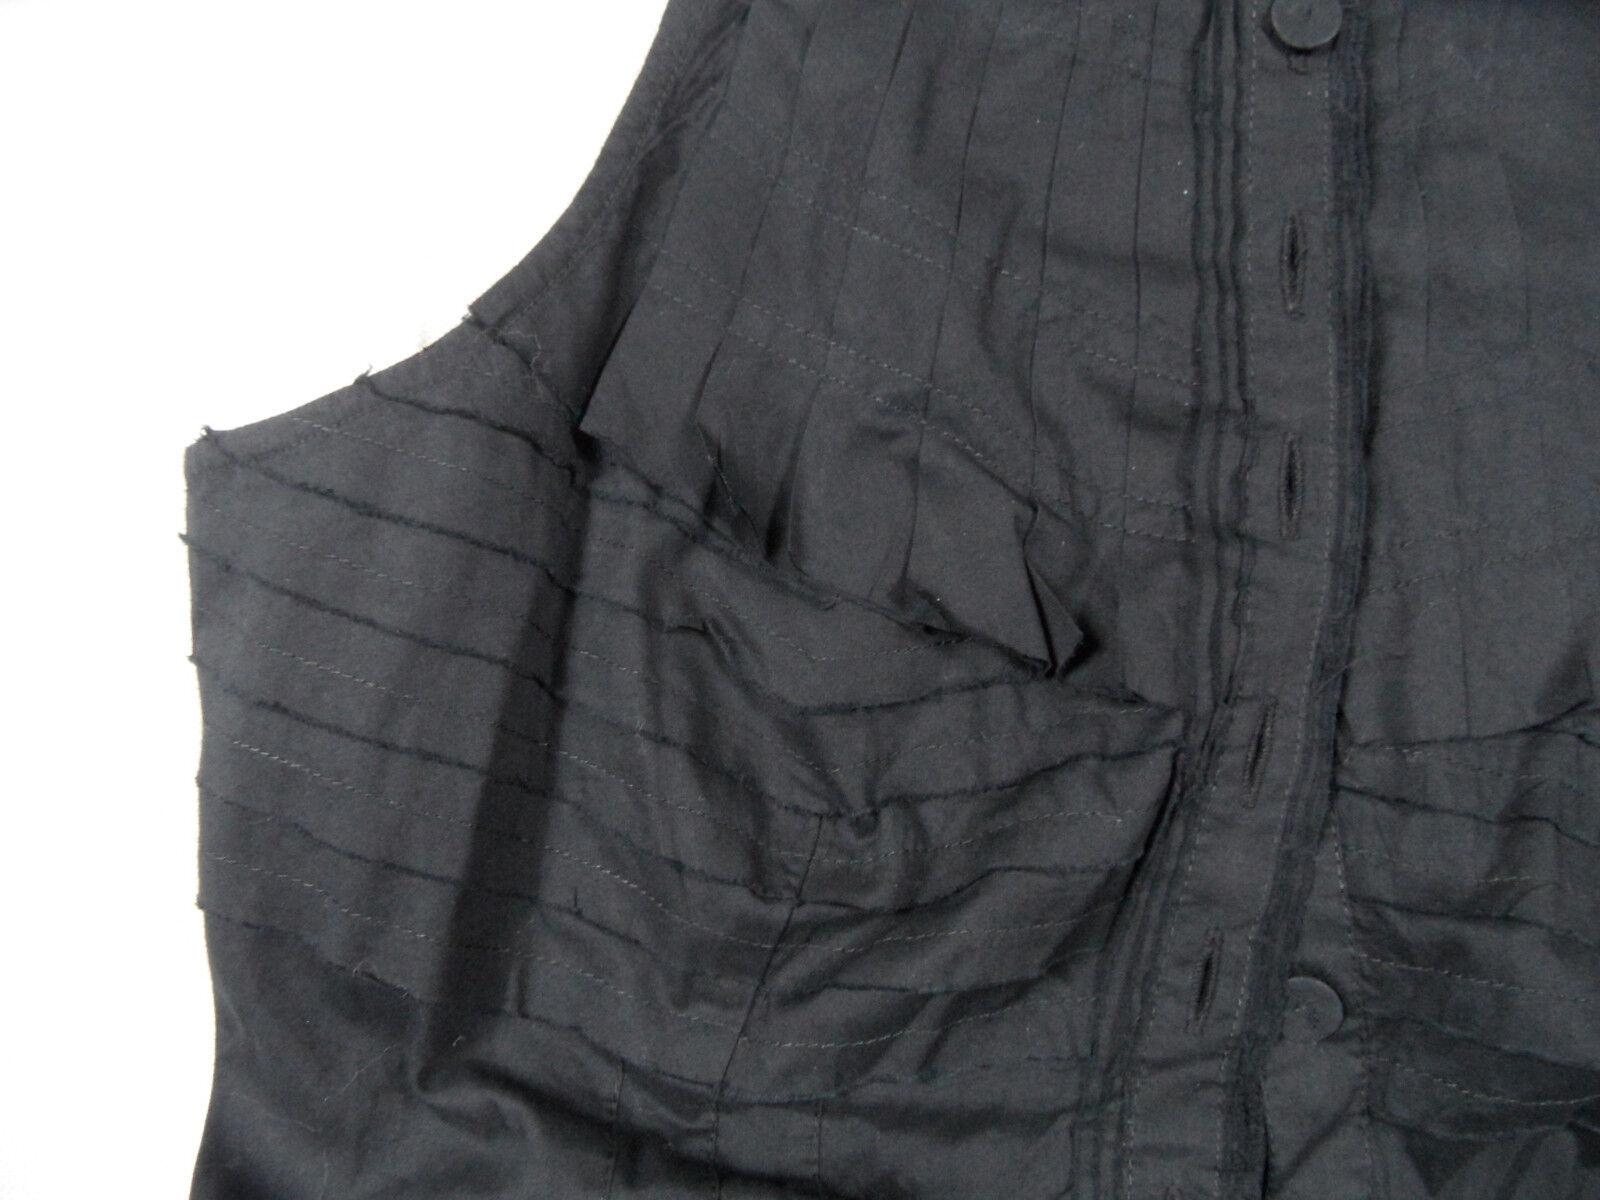 HOSS Homeless schöne ärmellose Blause schwarz schwarz schwarz Gr. 40 NEU BB1018 | Gewinnen Sie hoch geschätzt  | Moderner Modus  | Produktqualität  7315b3